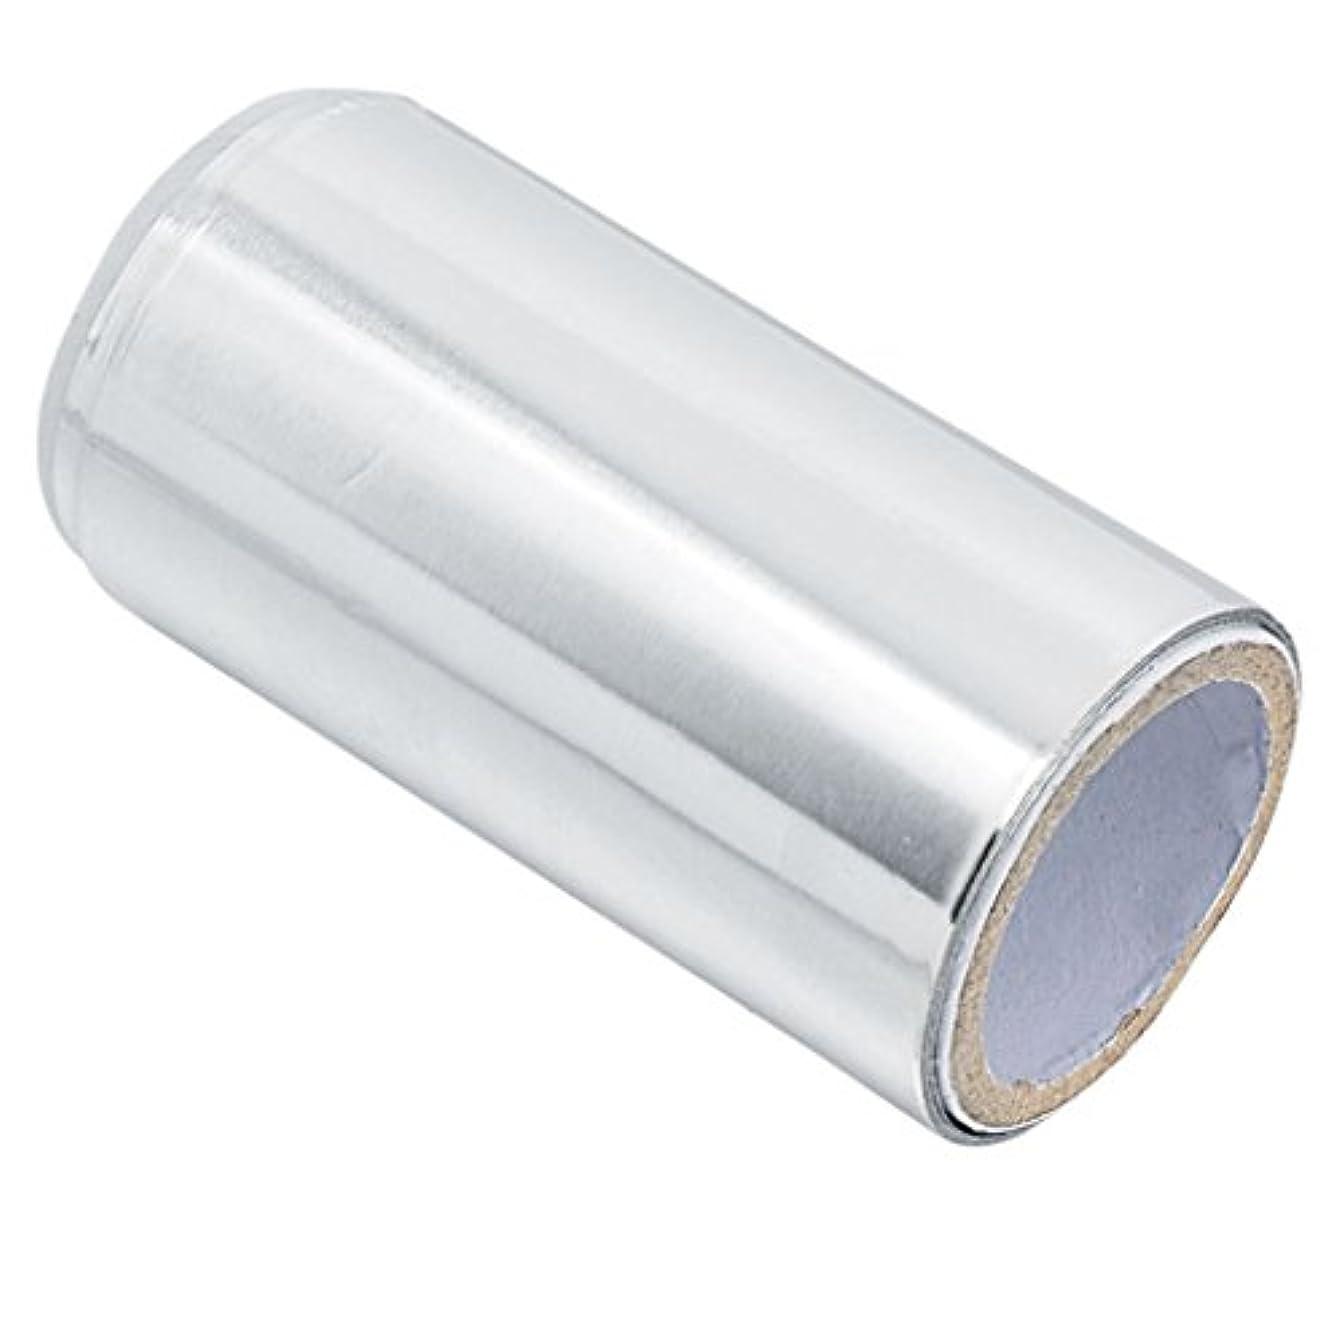 カヌーパイプライン報酬のCUTICATE マニキュア錫箔紙 ヘア/ネイル用 ジェル除却 ヘアパーマ 約5m